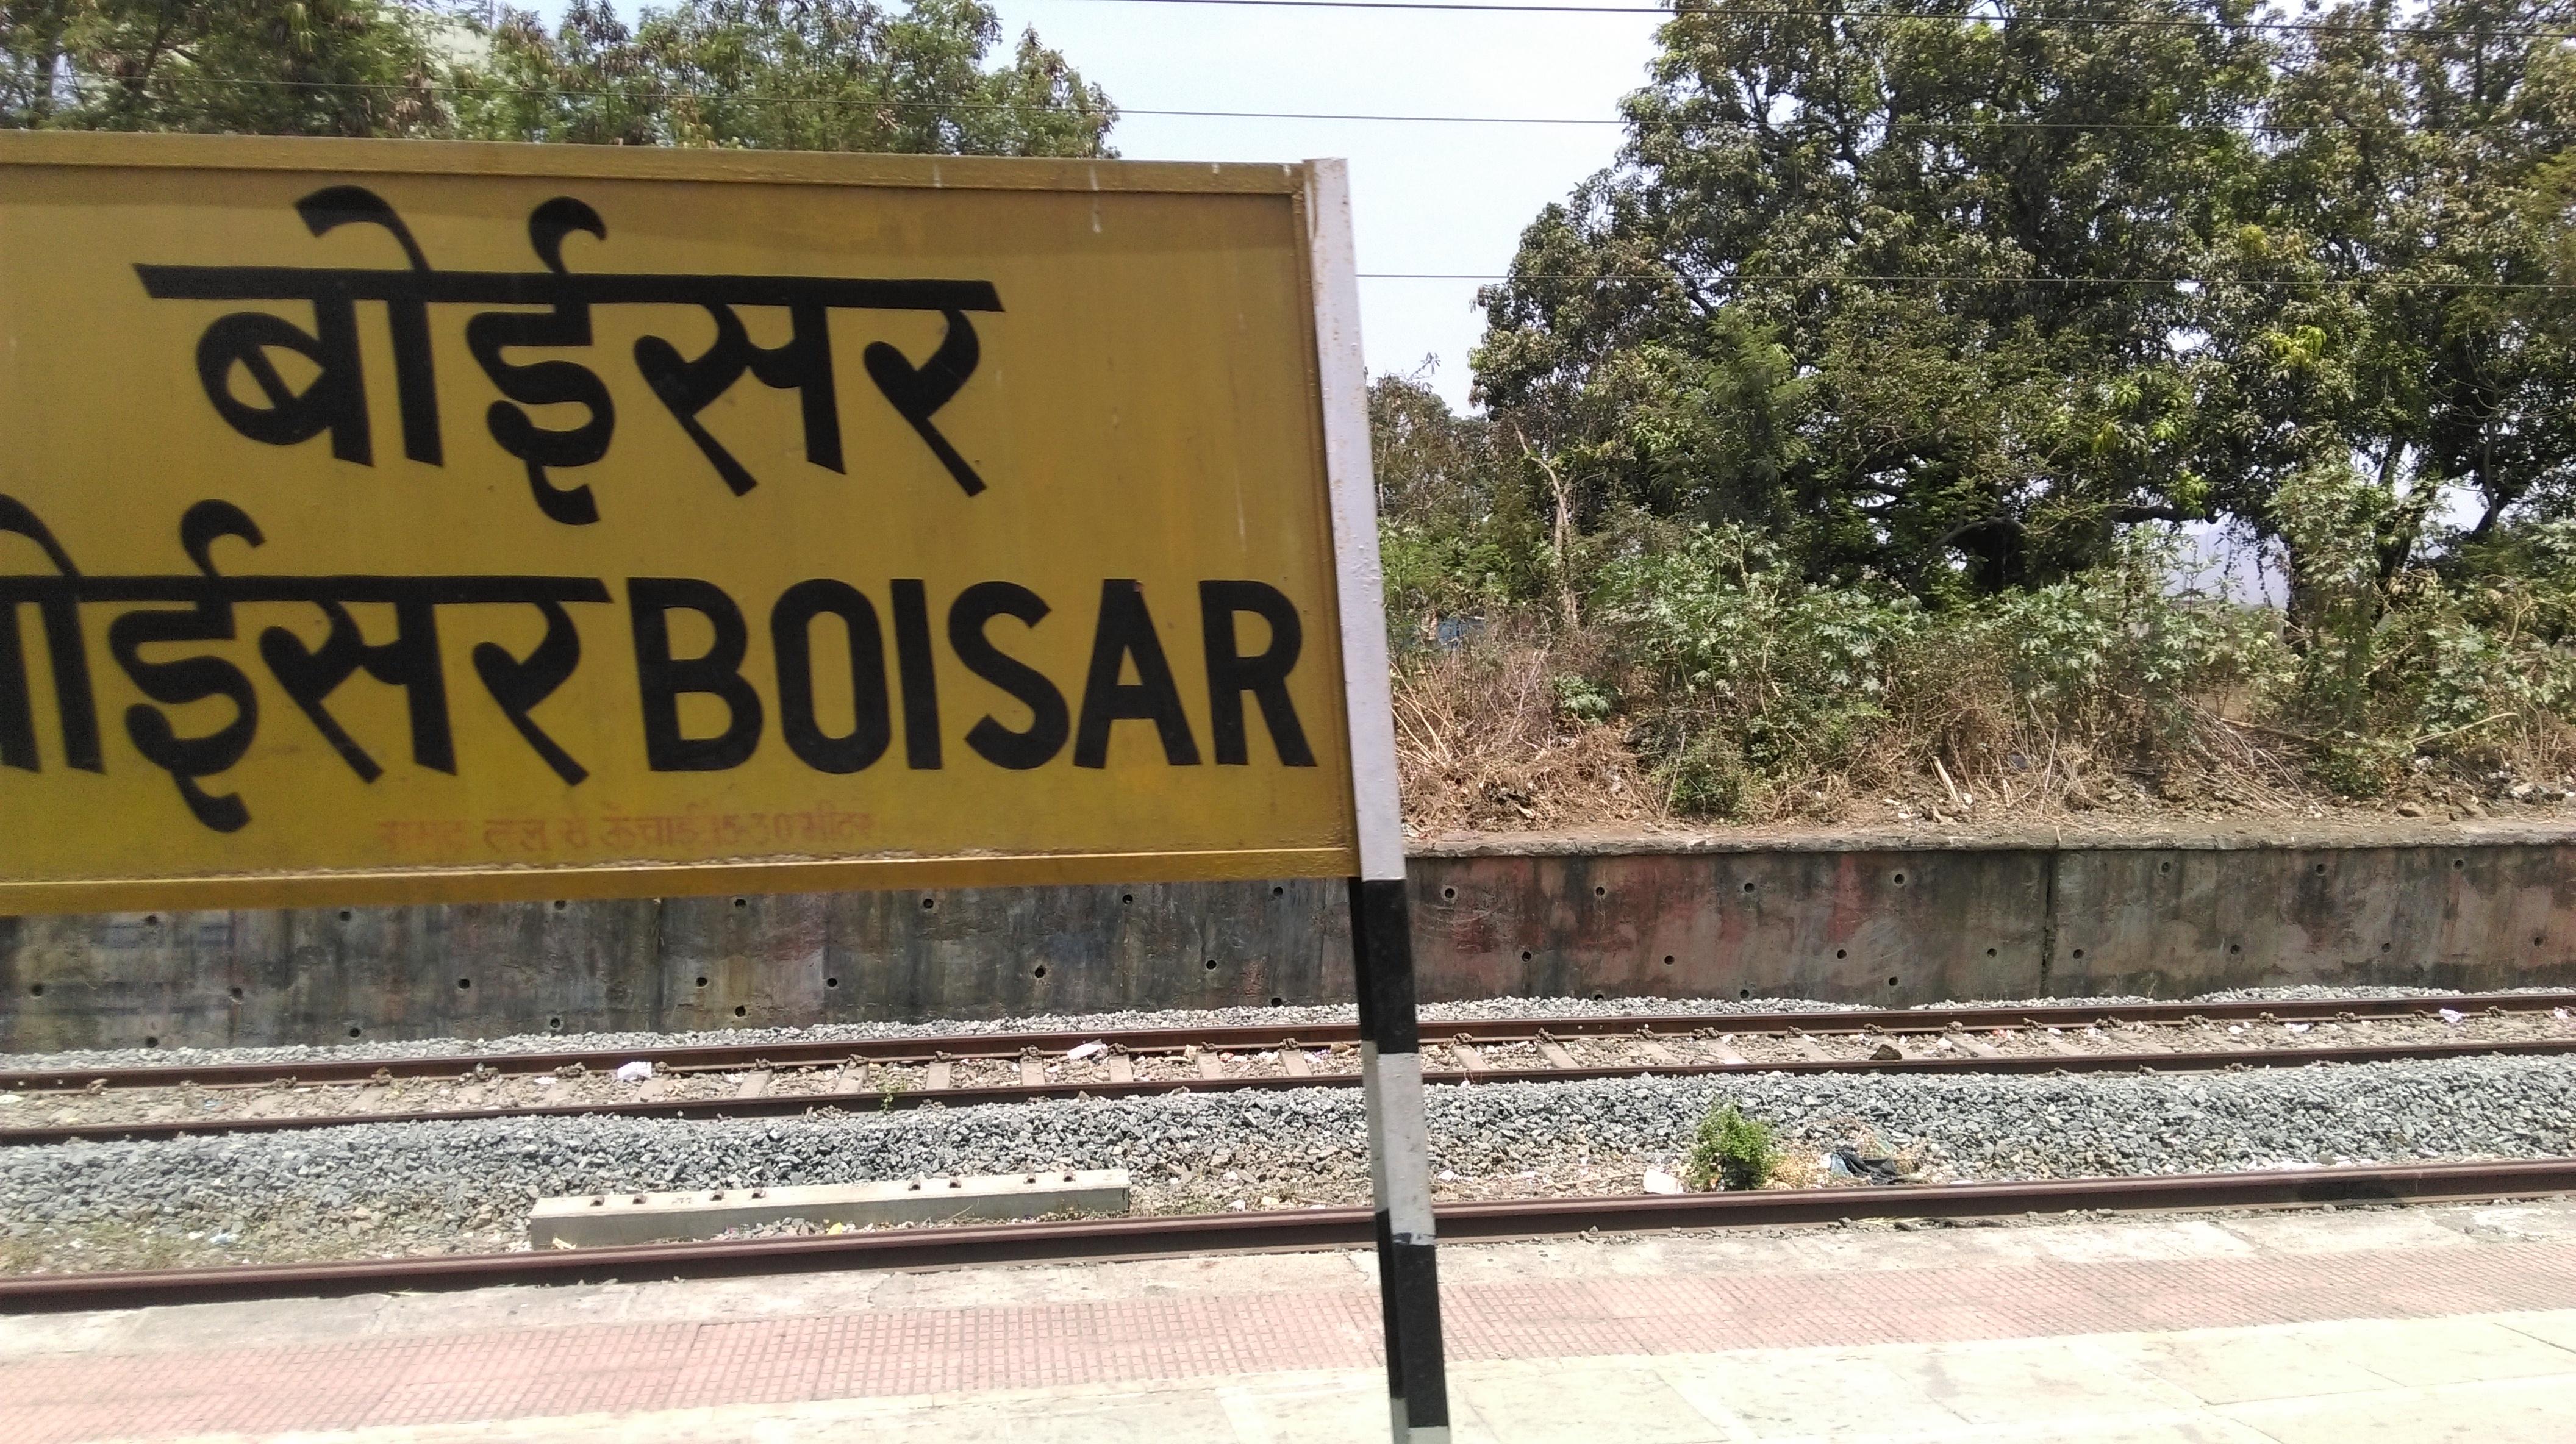 Boisar railway station - Wikipedia